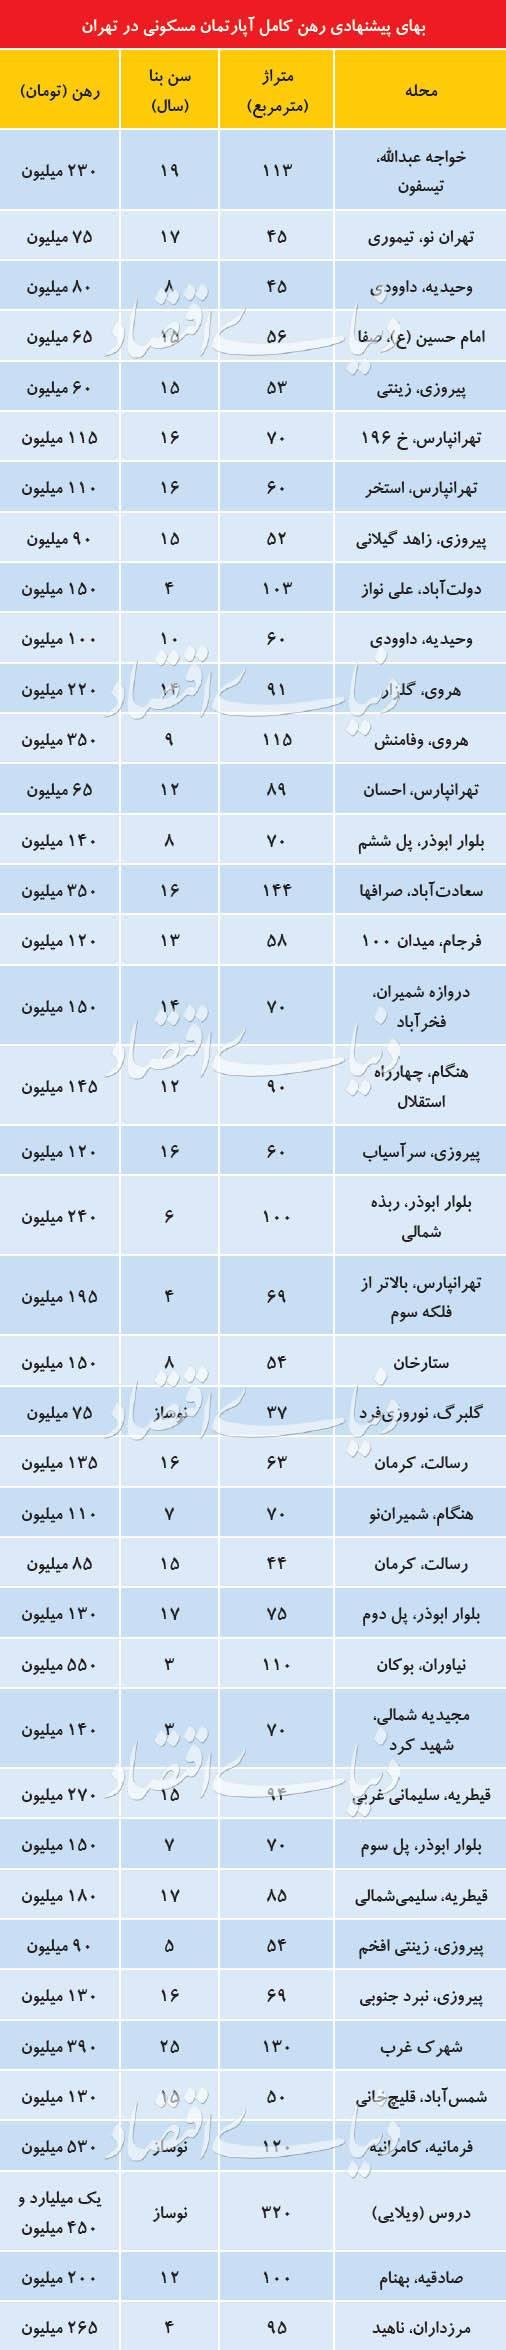 بازار اجاره مسکن تهران,اخبار اقتصادی,خبرهای اقتصادی,مسکن و عمران